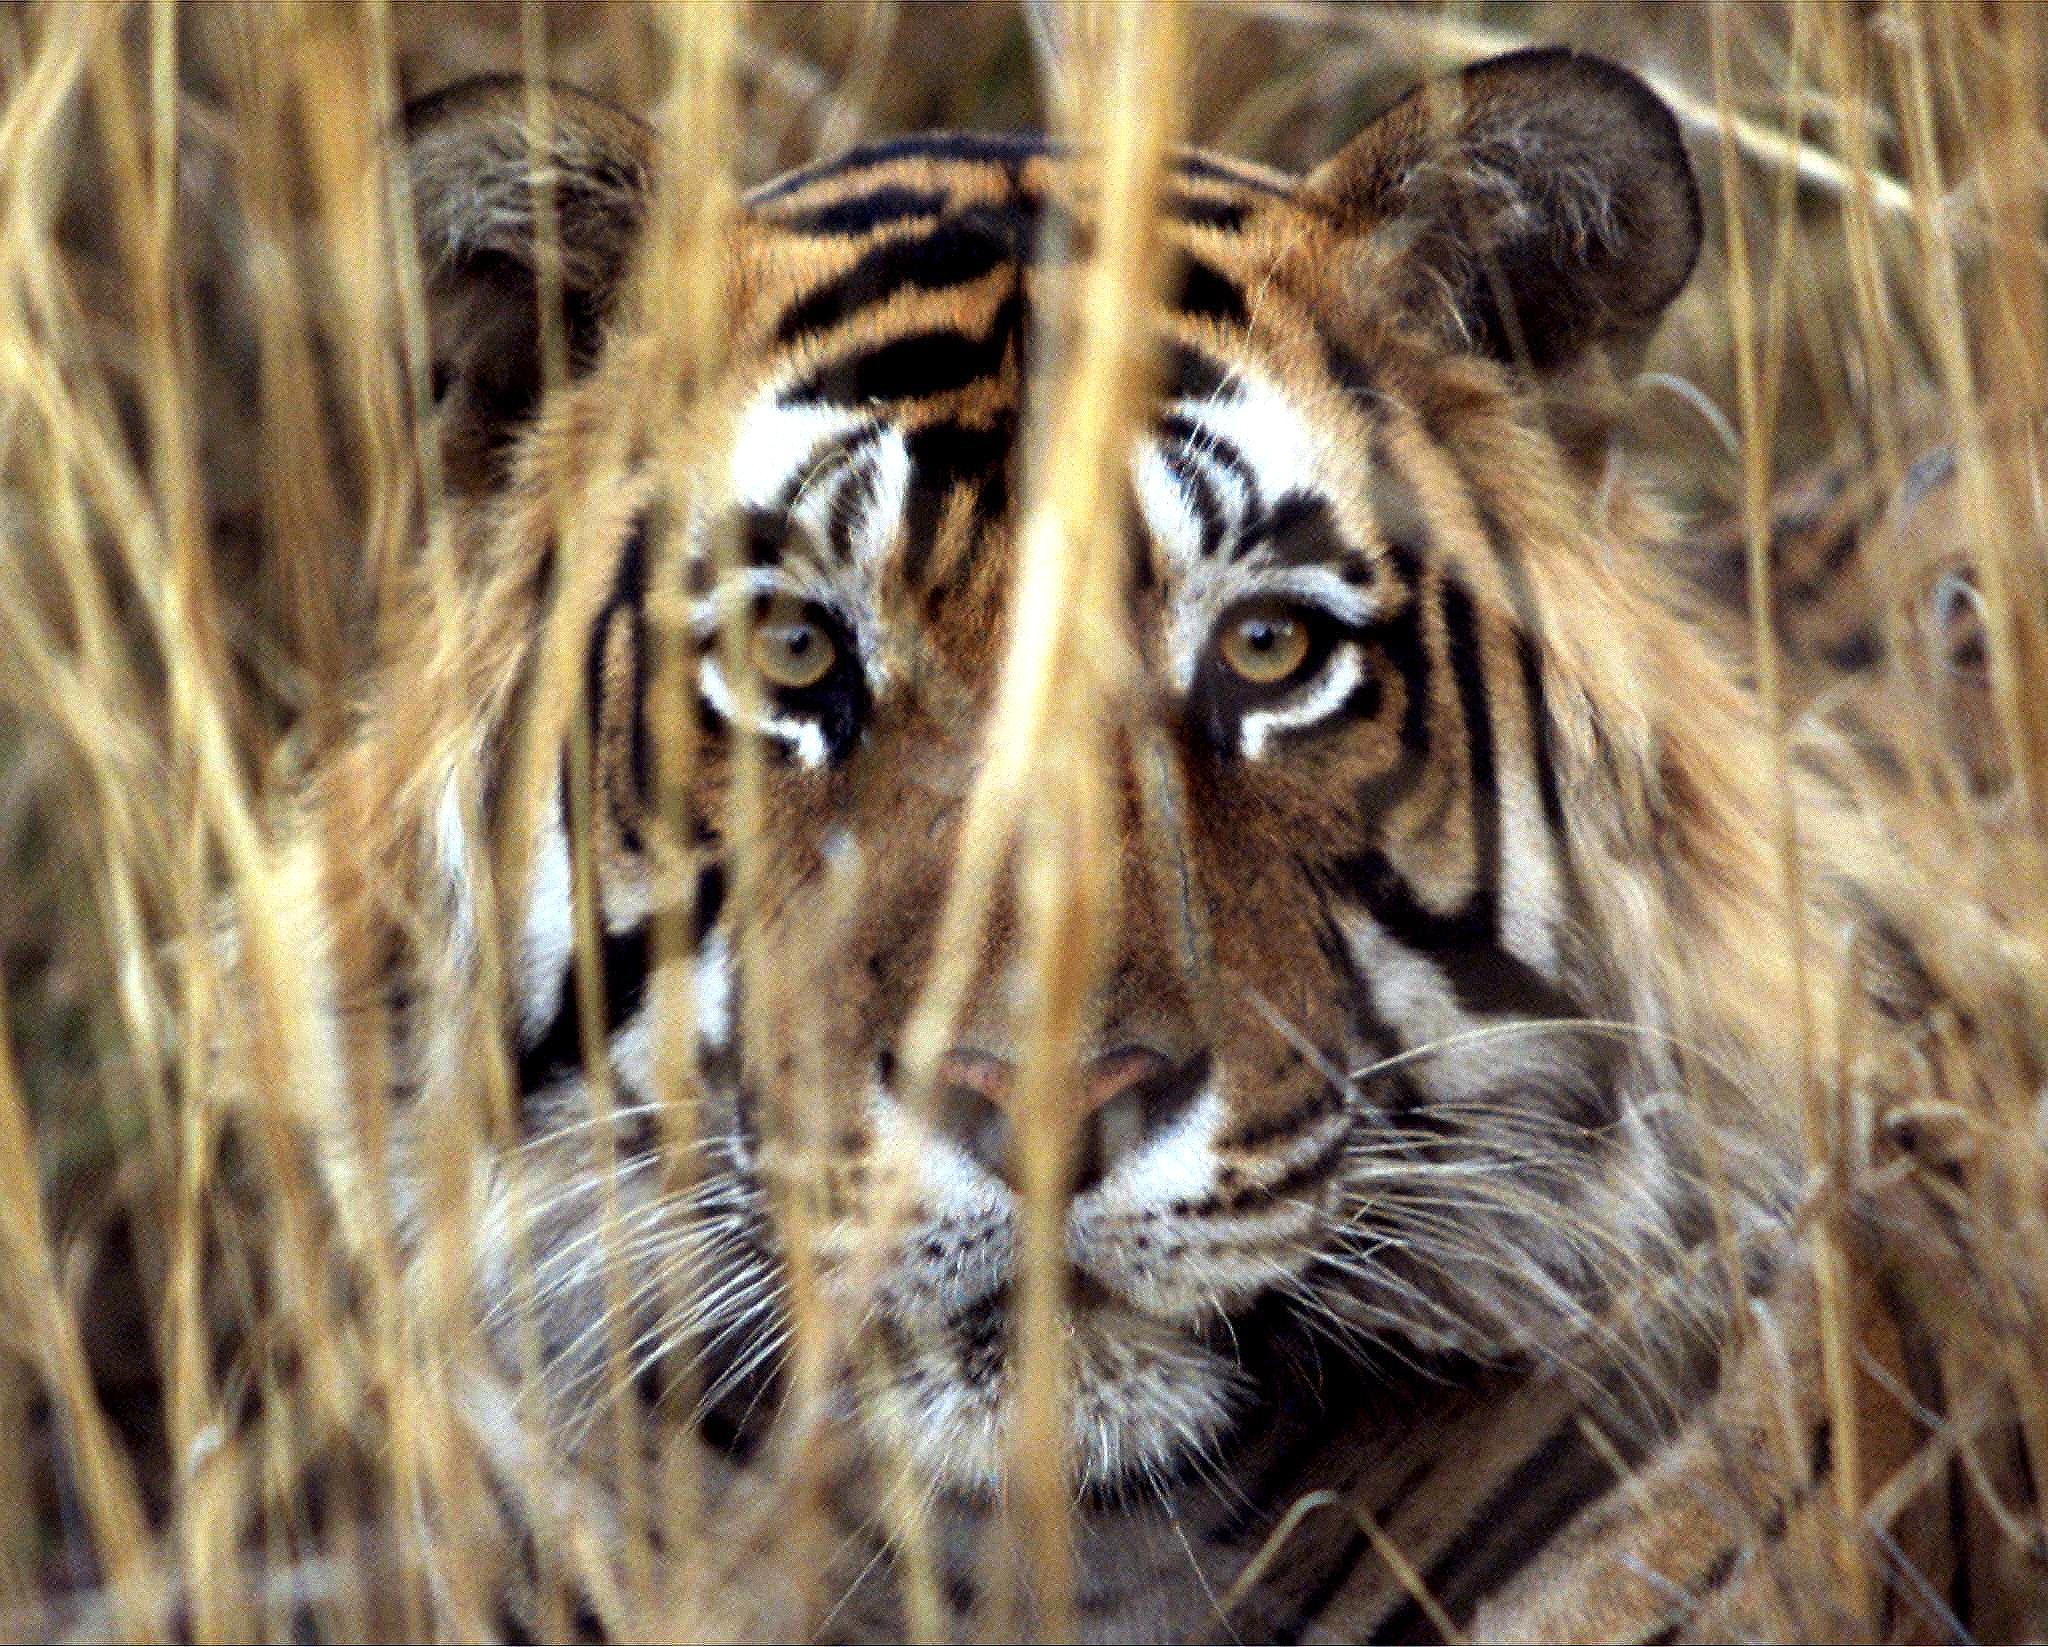 Elefanti, rinoceronti e tigri: i più minacciati dal bracconaggio